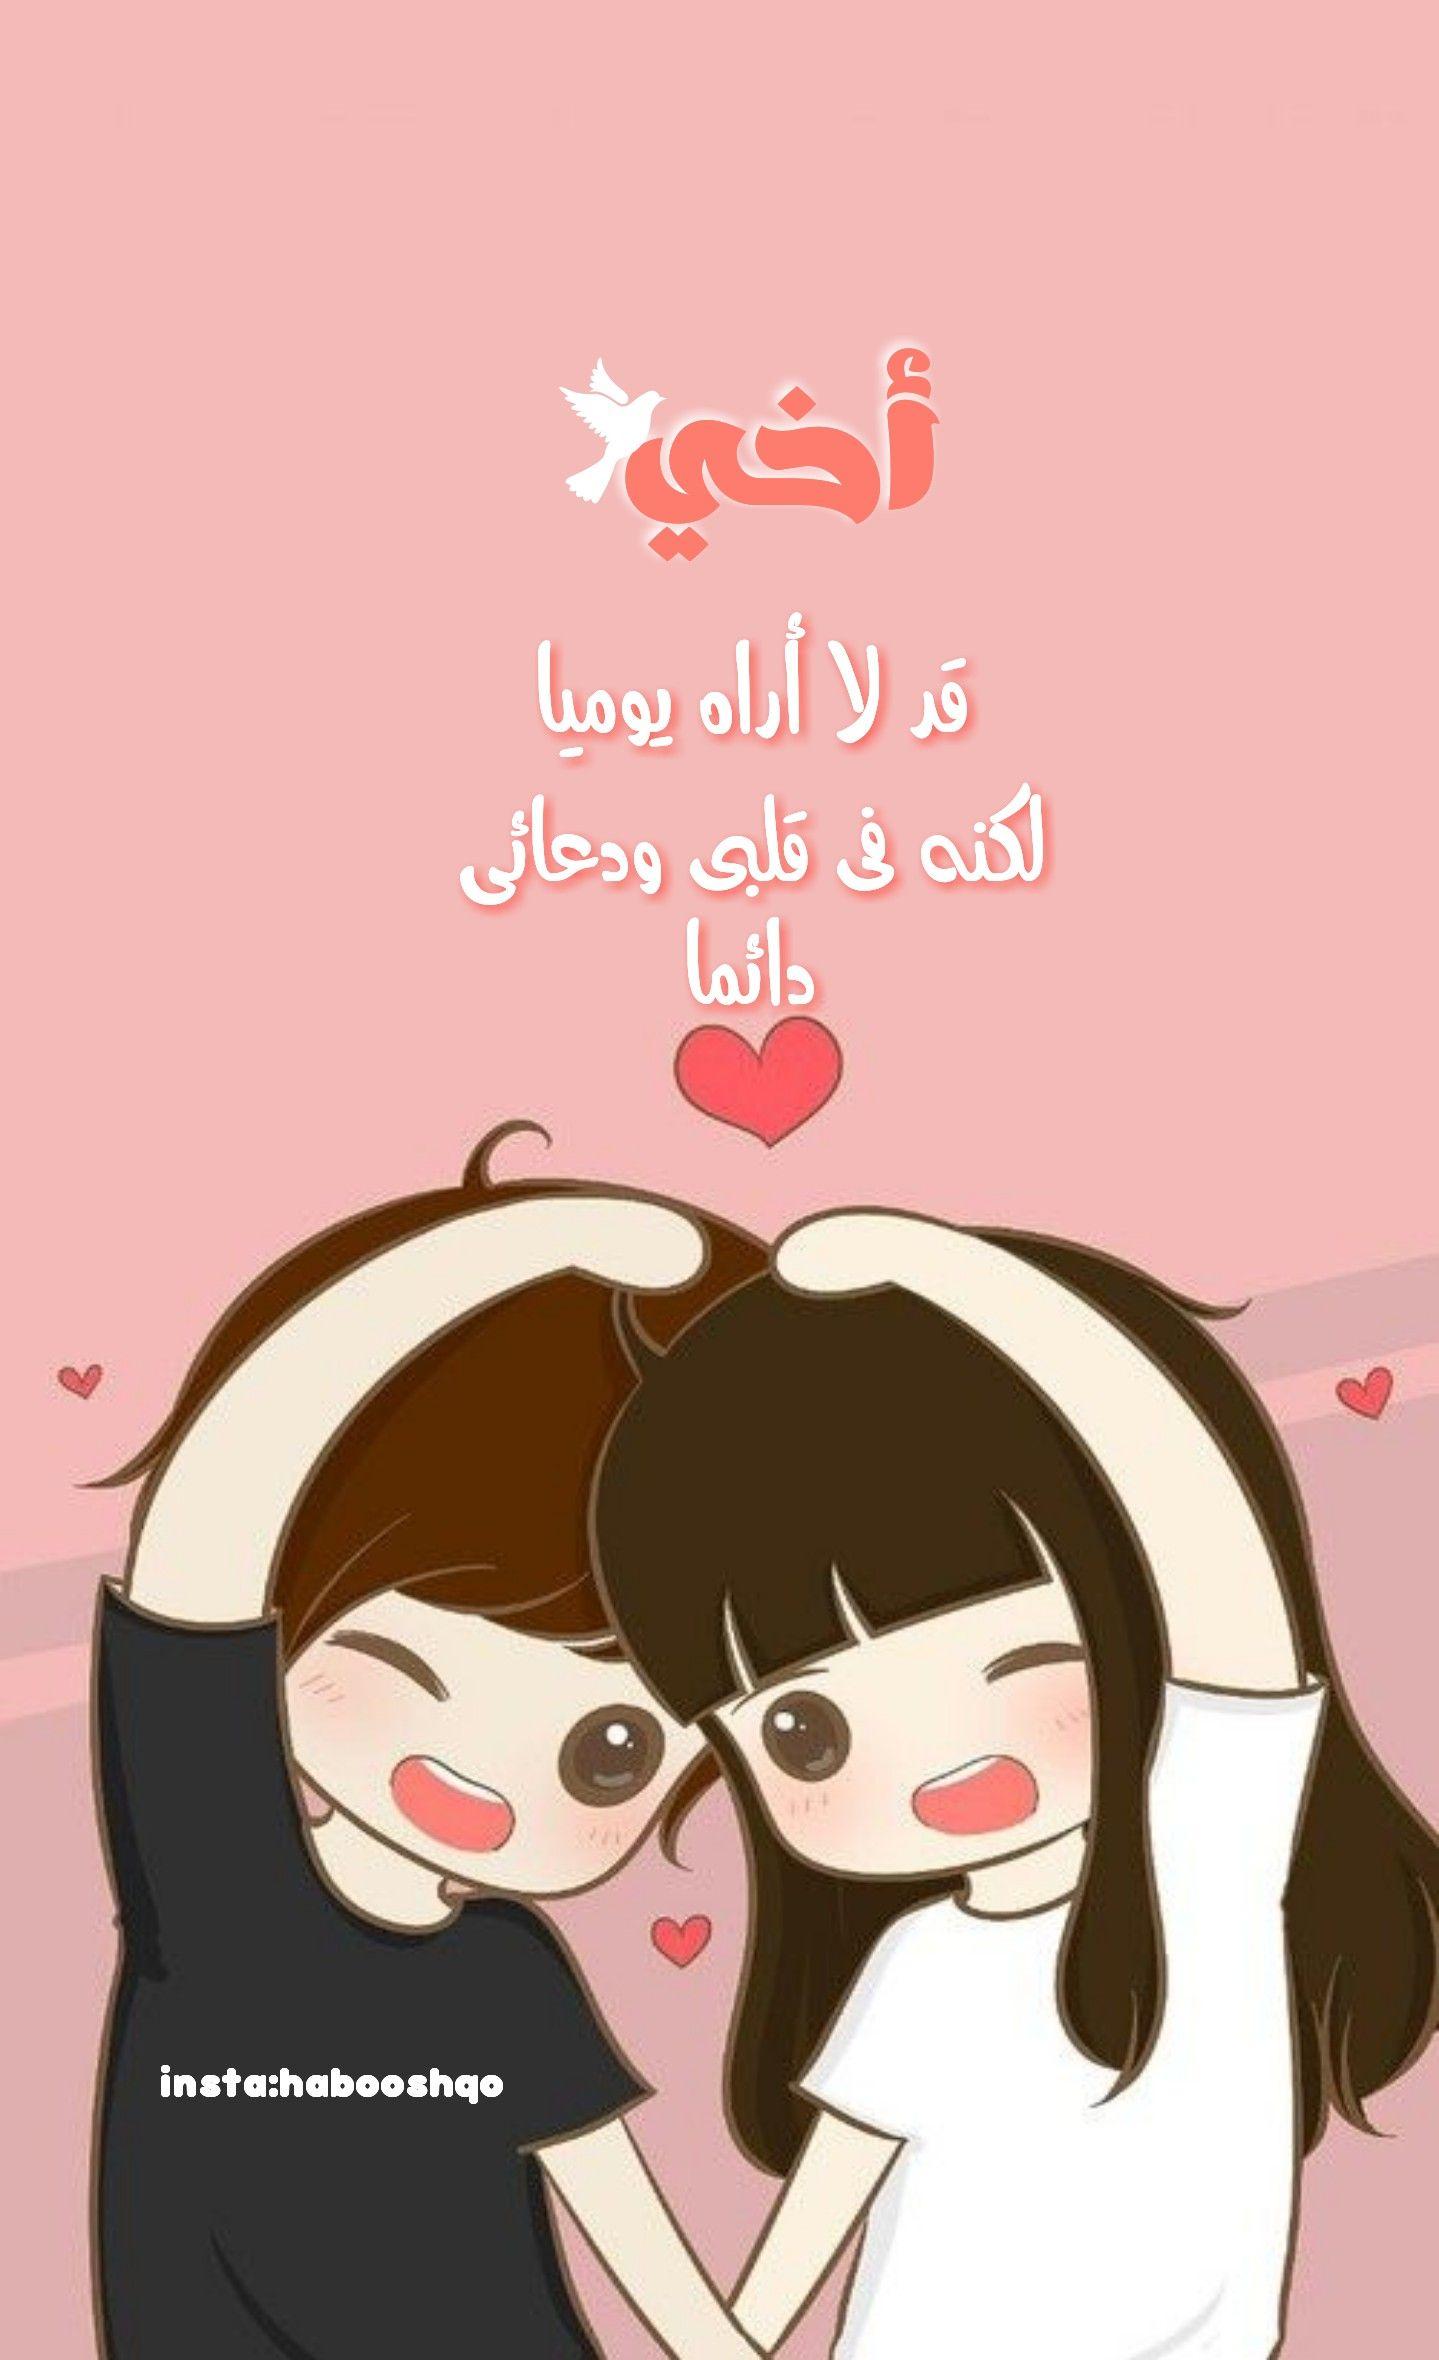 أخي الأخ لايعوض Brother Bror Arabic Love Quotes Arabic Proverb Love Quotes